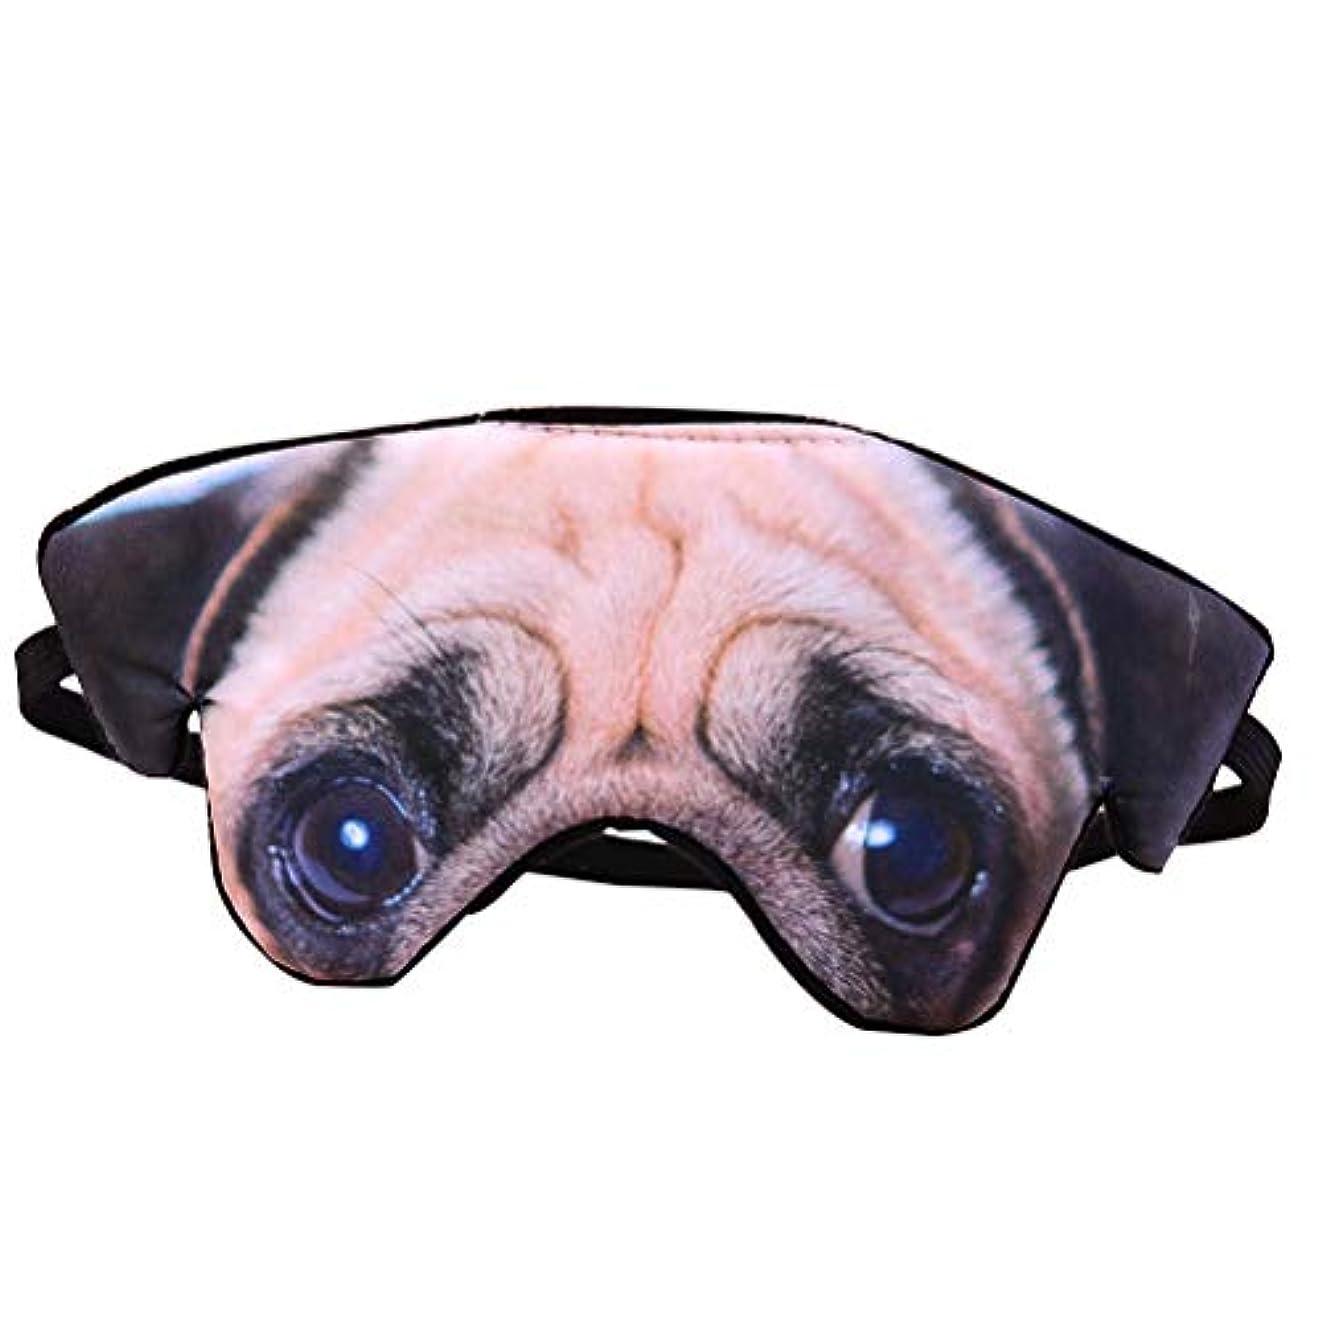 ナチュラ壊れた削るHealifty 3Dアイマスクシェードナップカバー目隠しレストエイド疲労アイパッドスリープゴーグル(Pug)